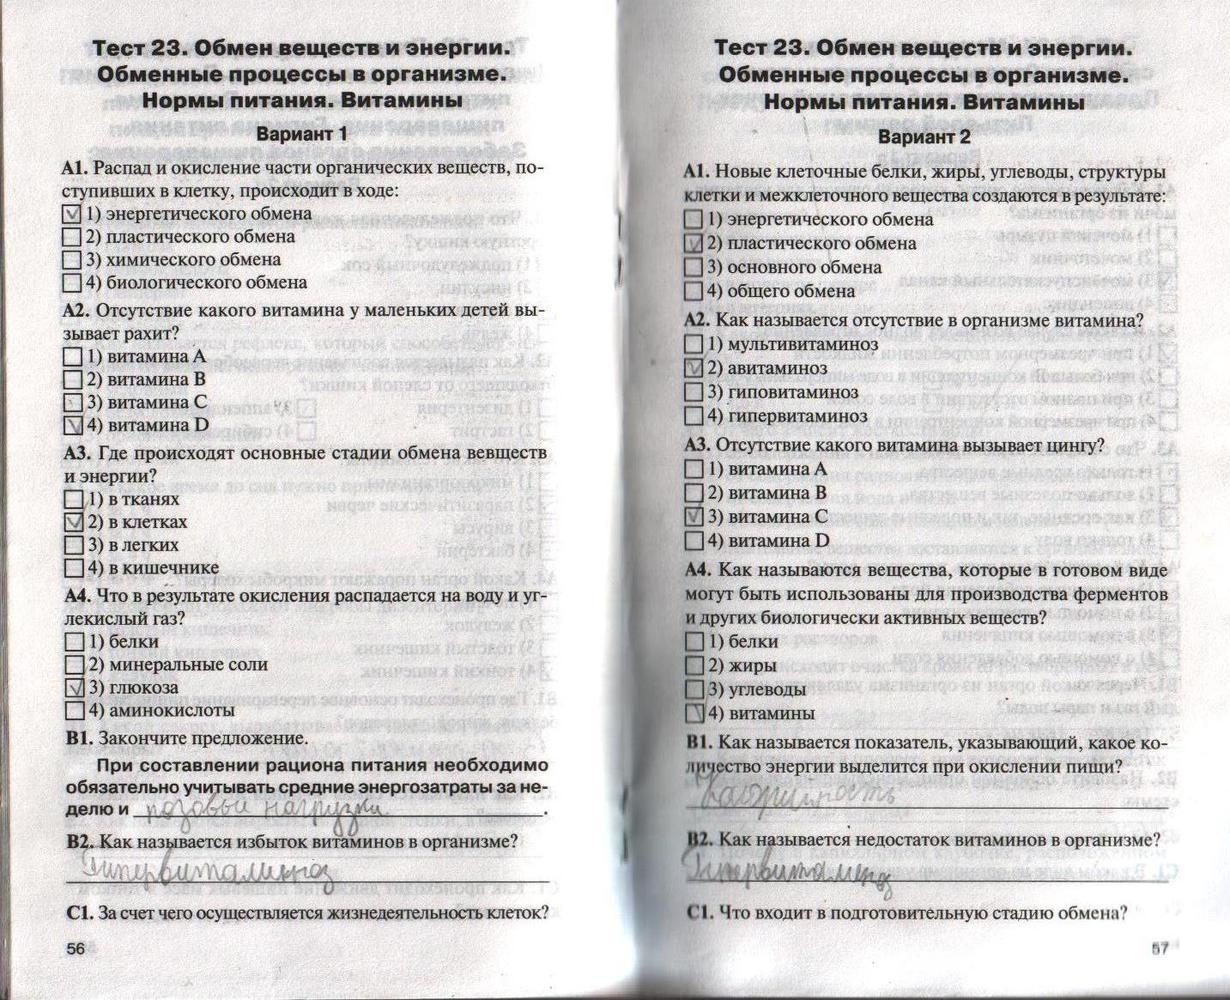 Тесты по рахиту с ответами